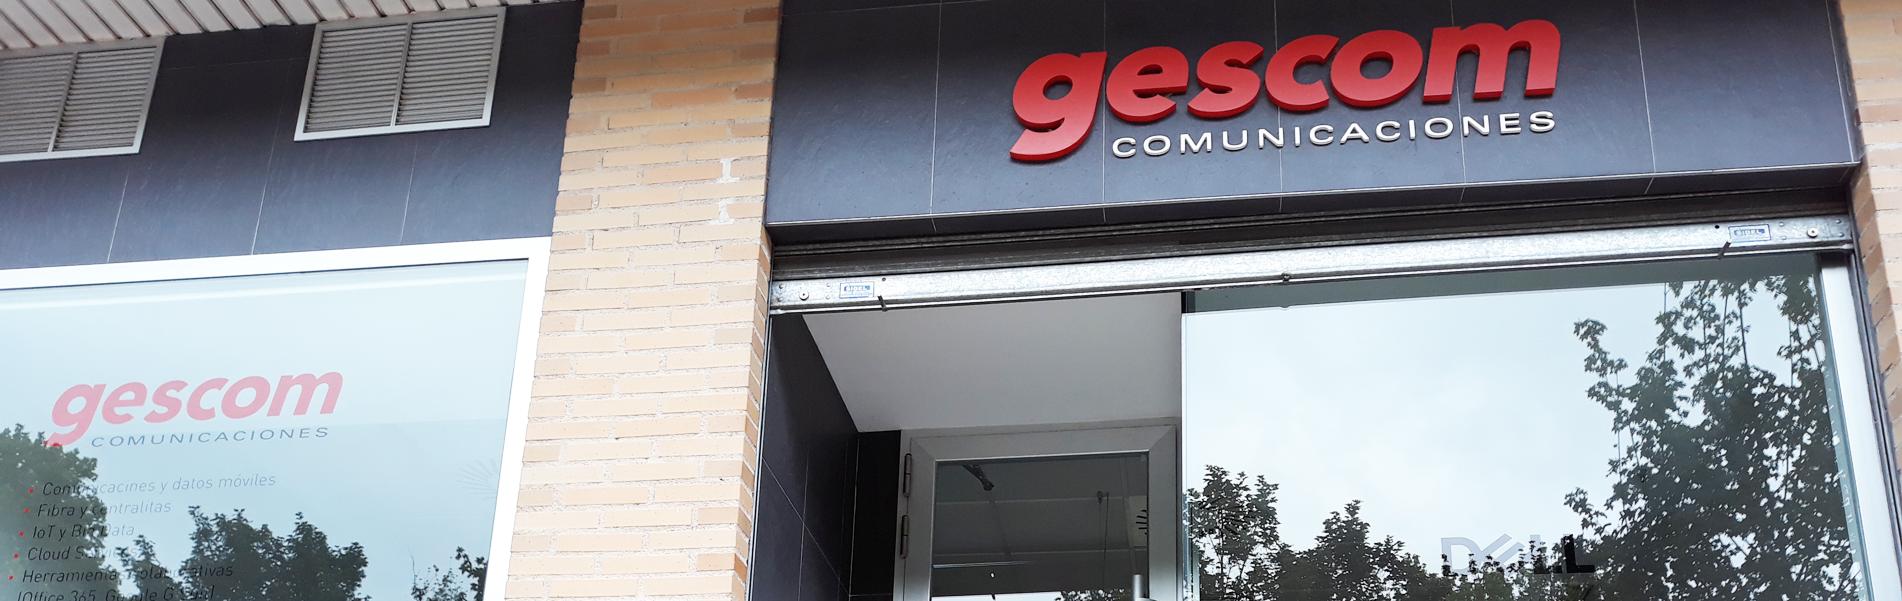 fachada gescom - Sistemas informática